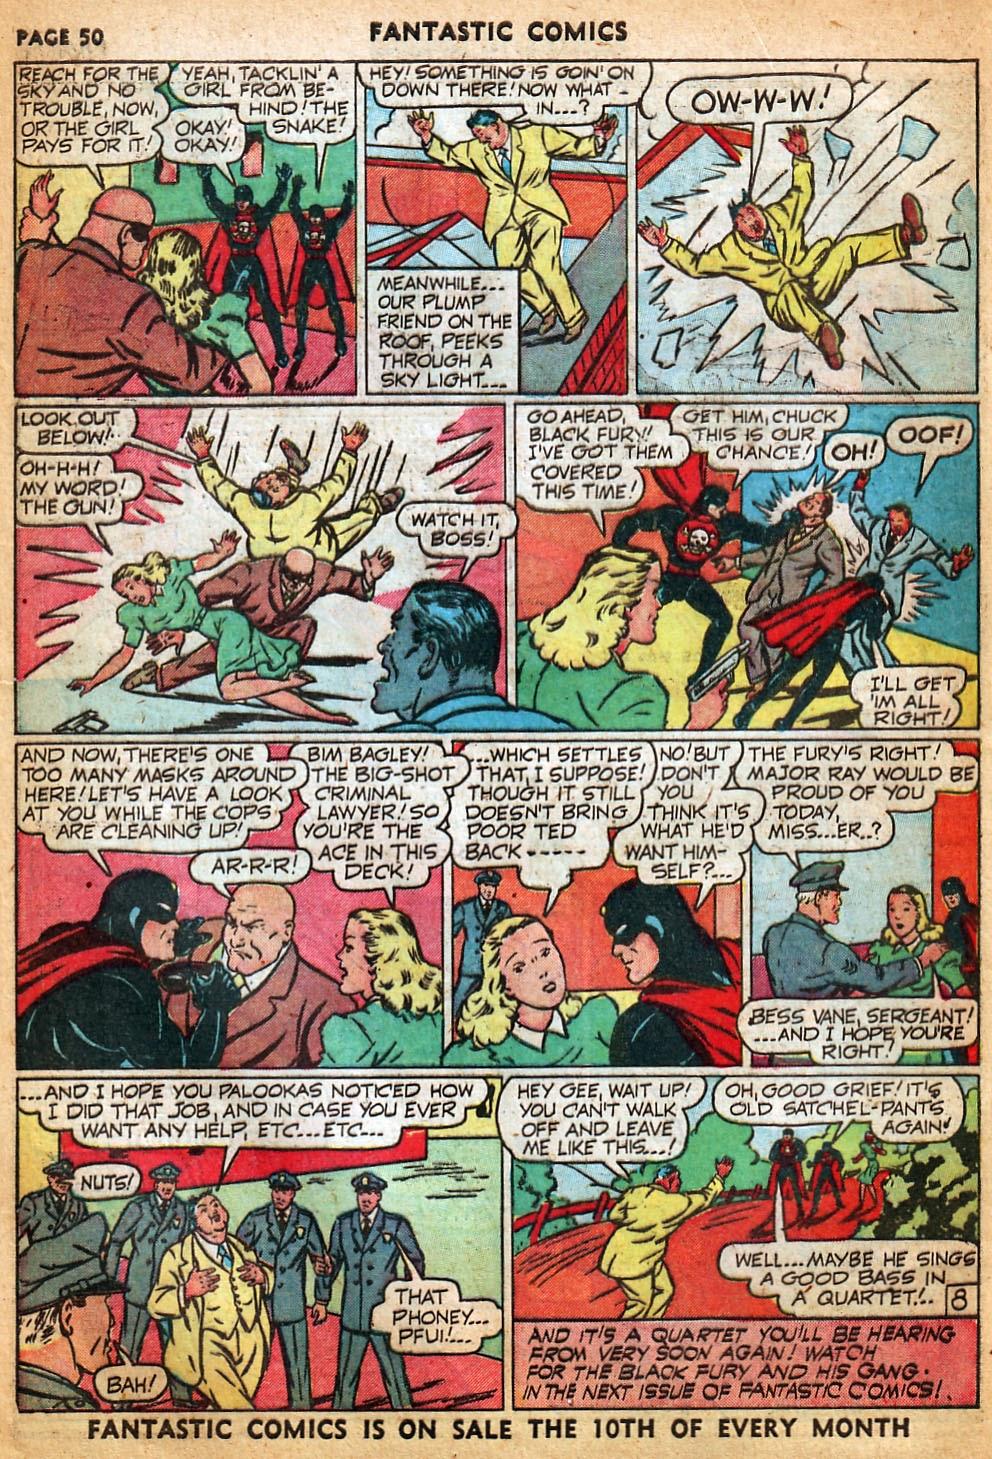 Read online Fantastic Comics comic -  Issue #22 - 51